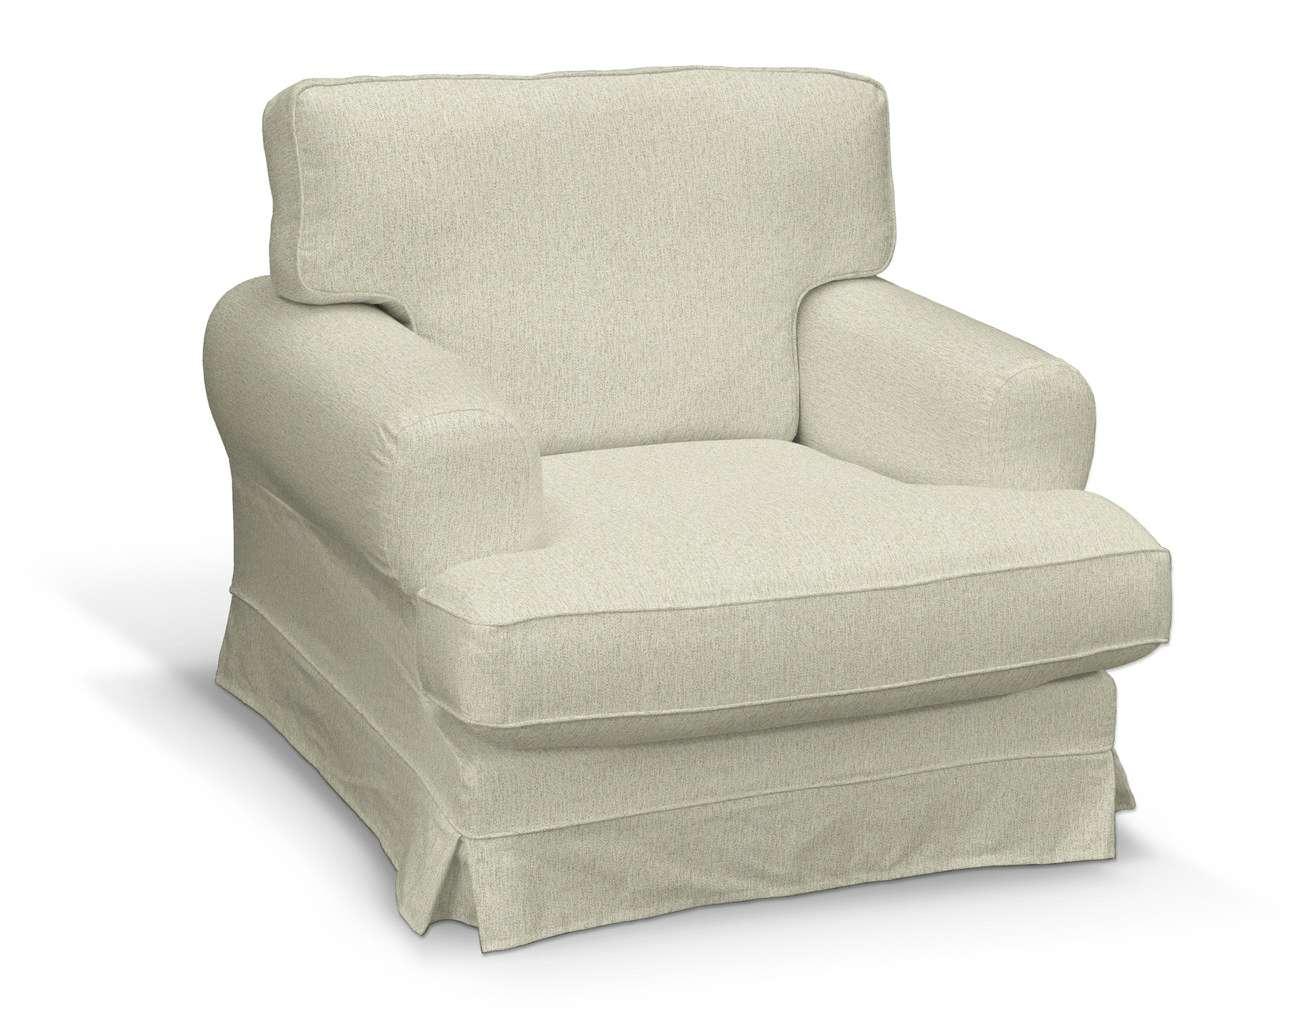 Bezug für Ekeskog Sessel von der Kollektion Living, Stoff: 161-62